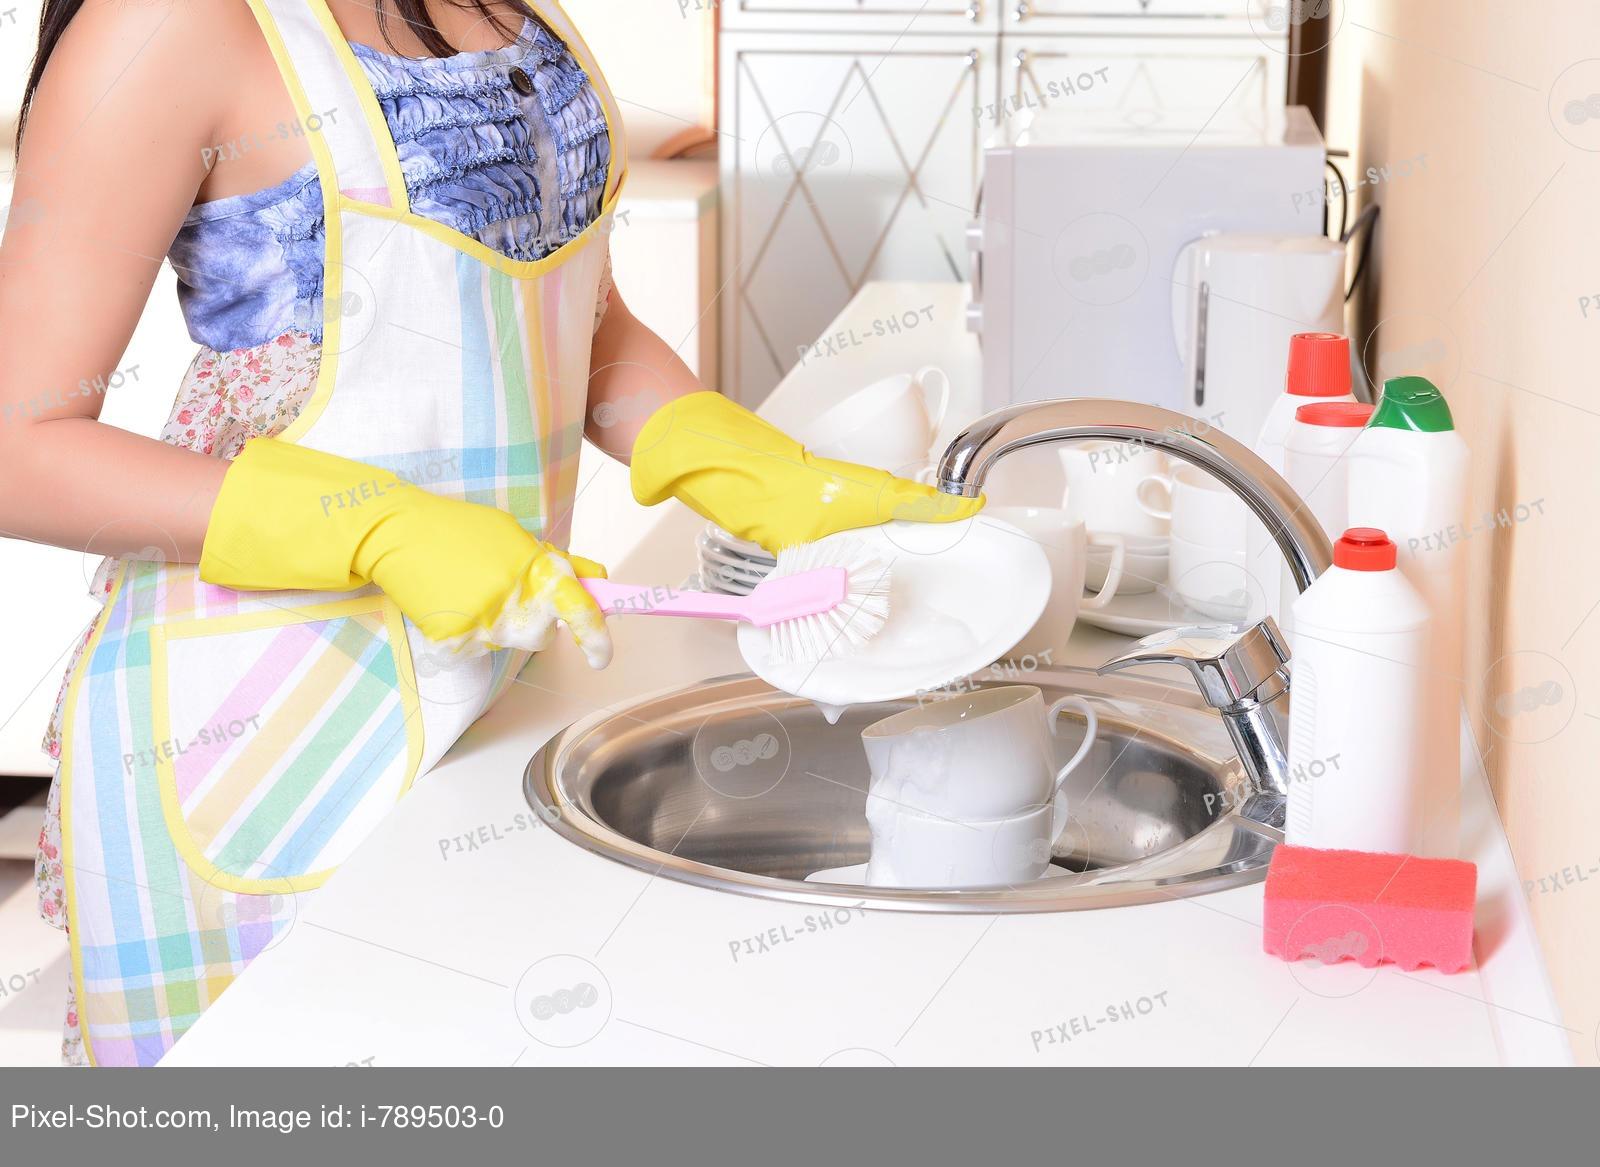 Как мыть посуду правильно – выбор средств и полезные советы